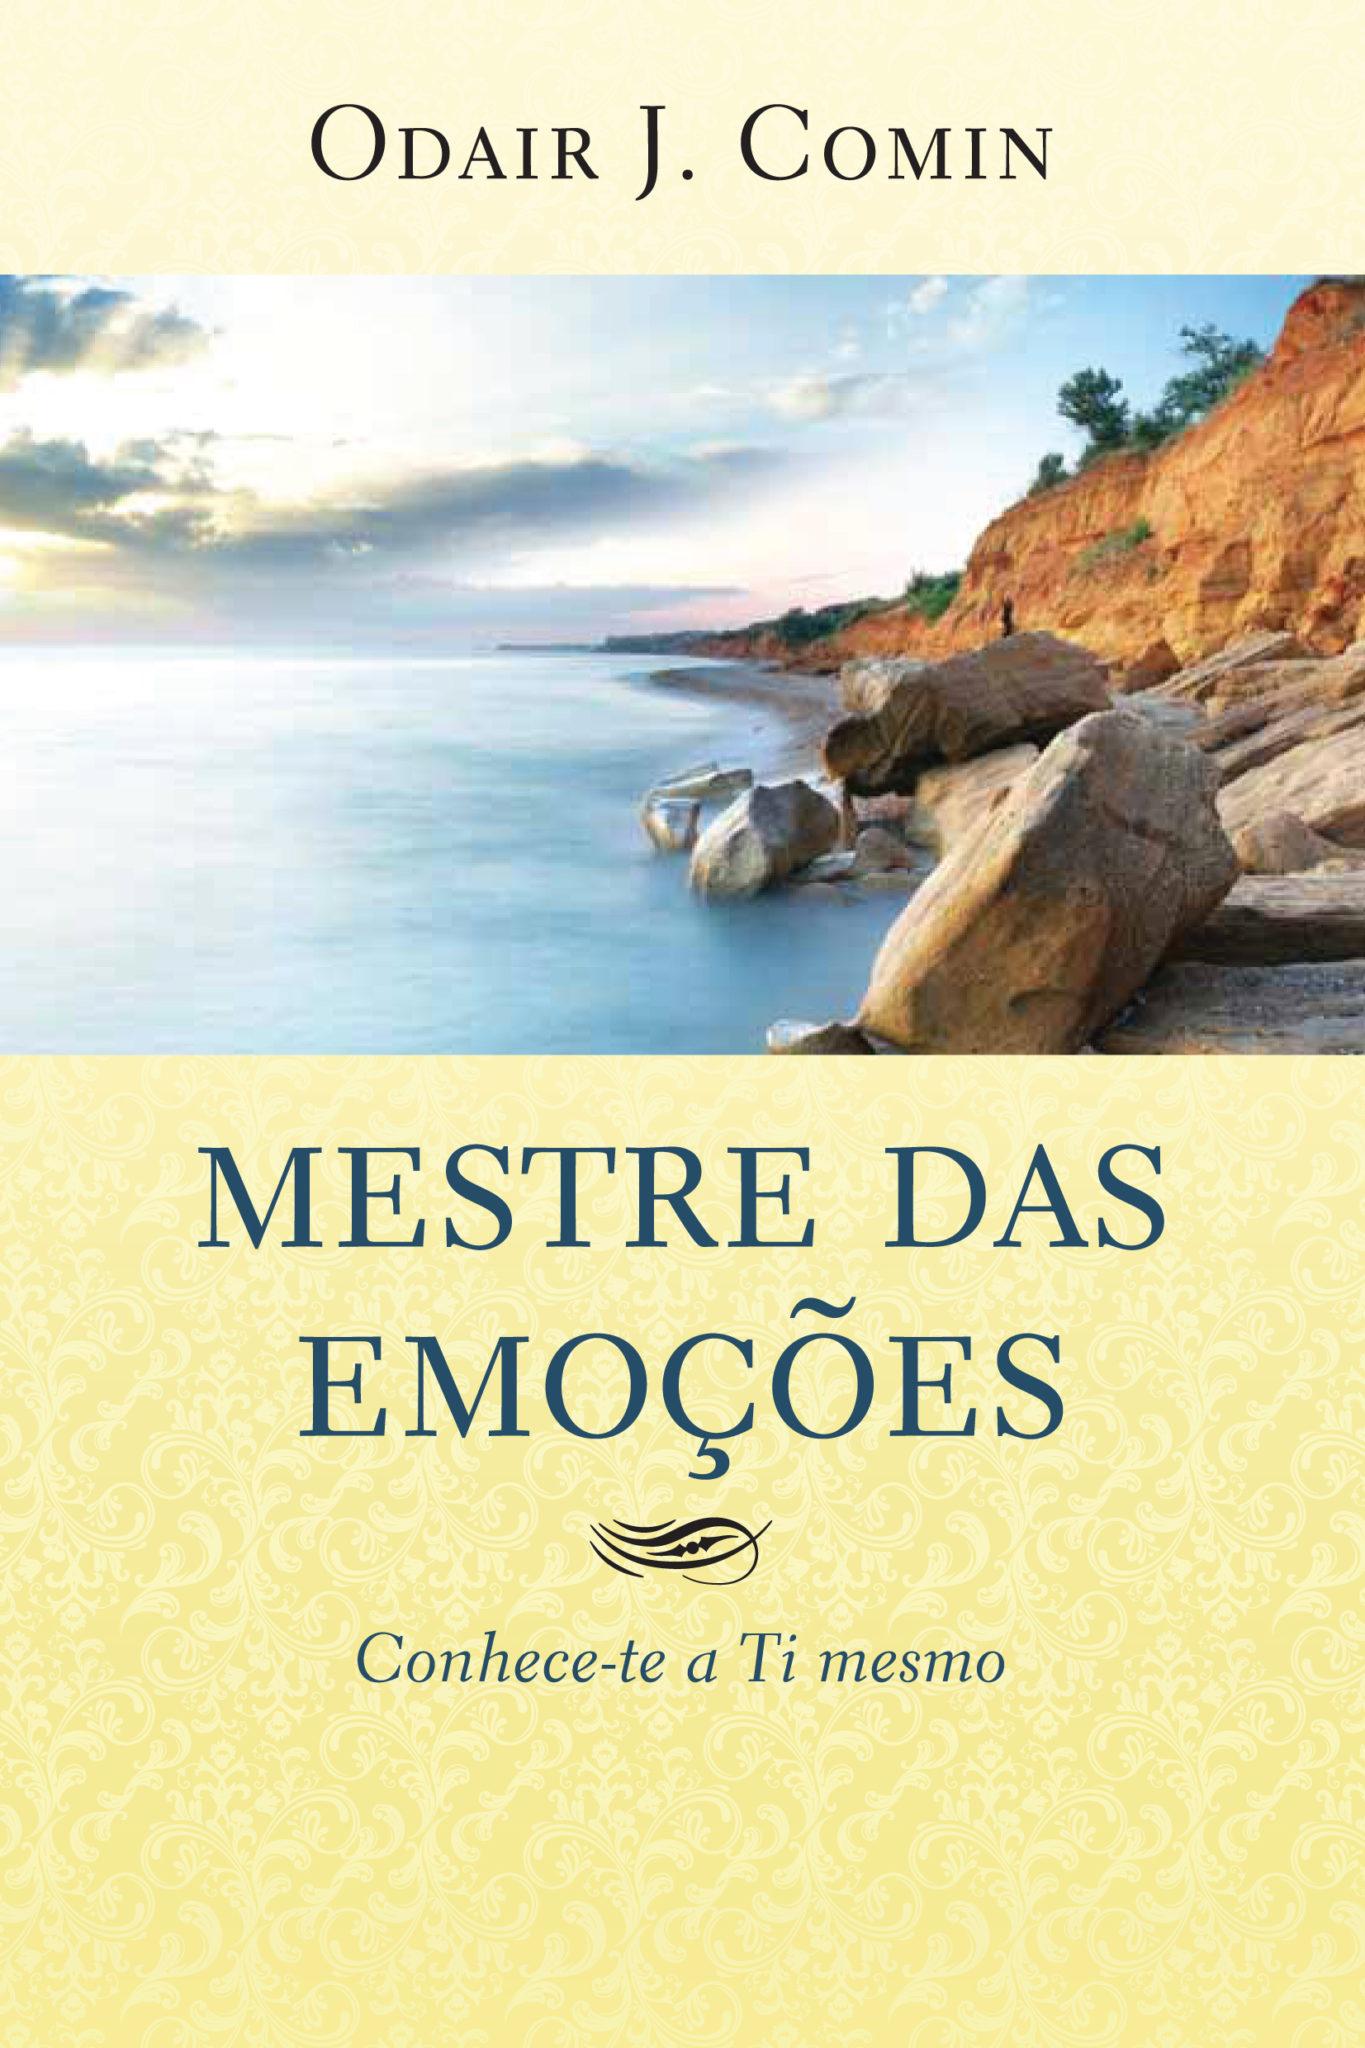 Livro: Mestre das Emoções